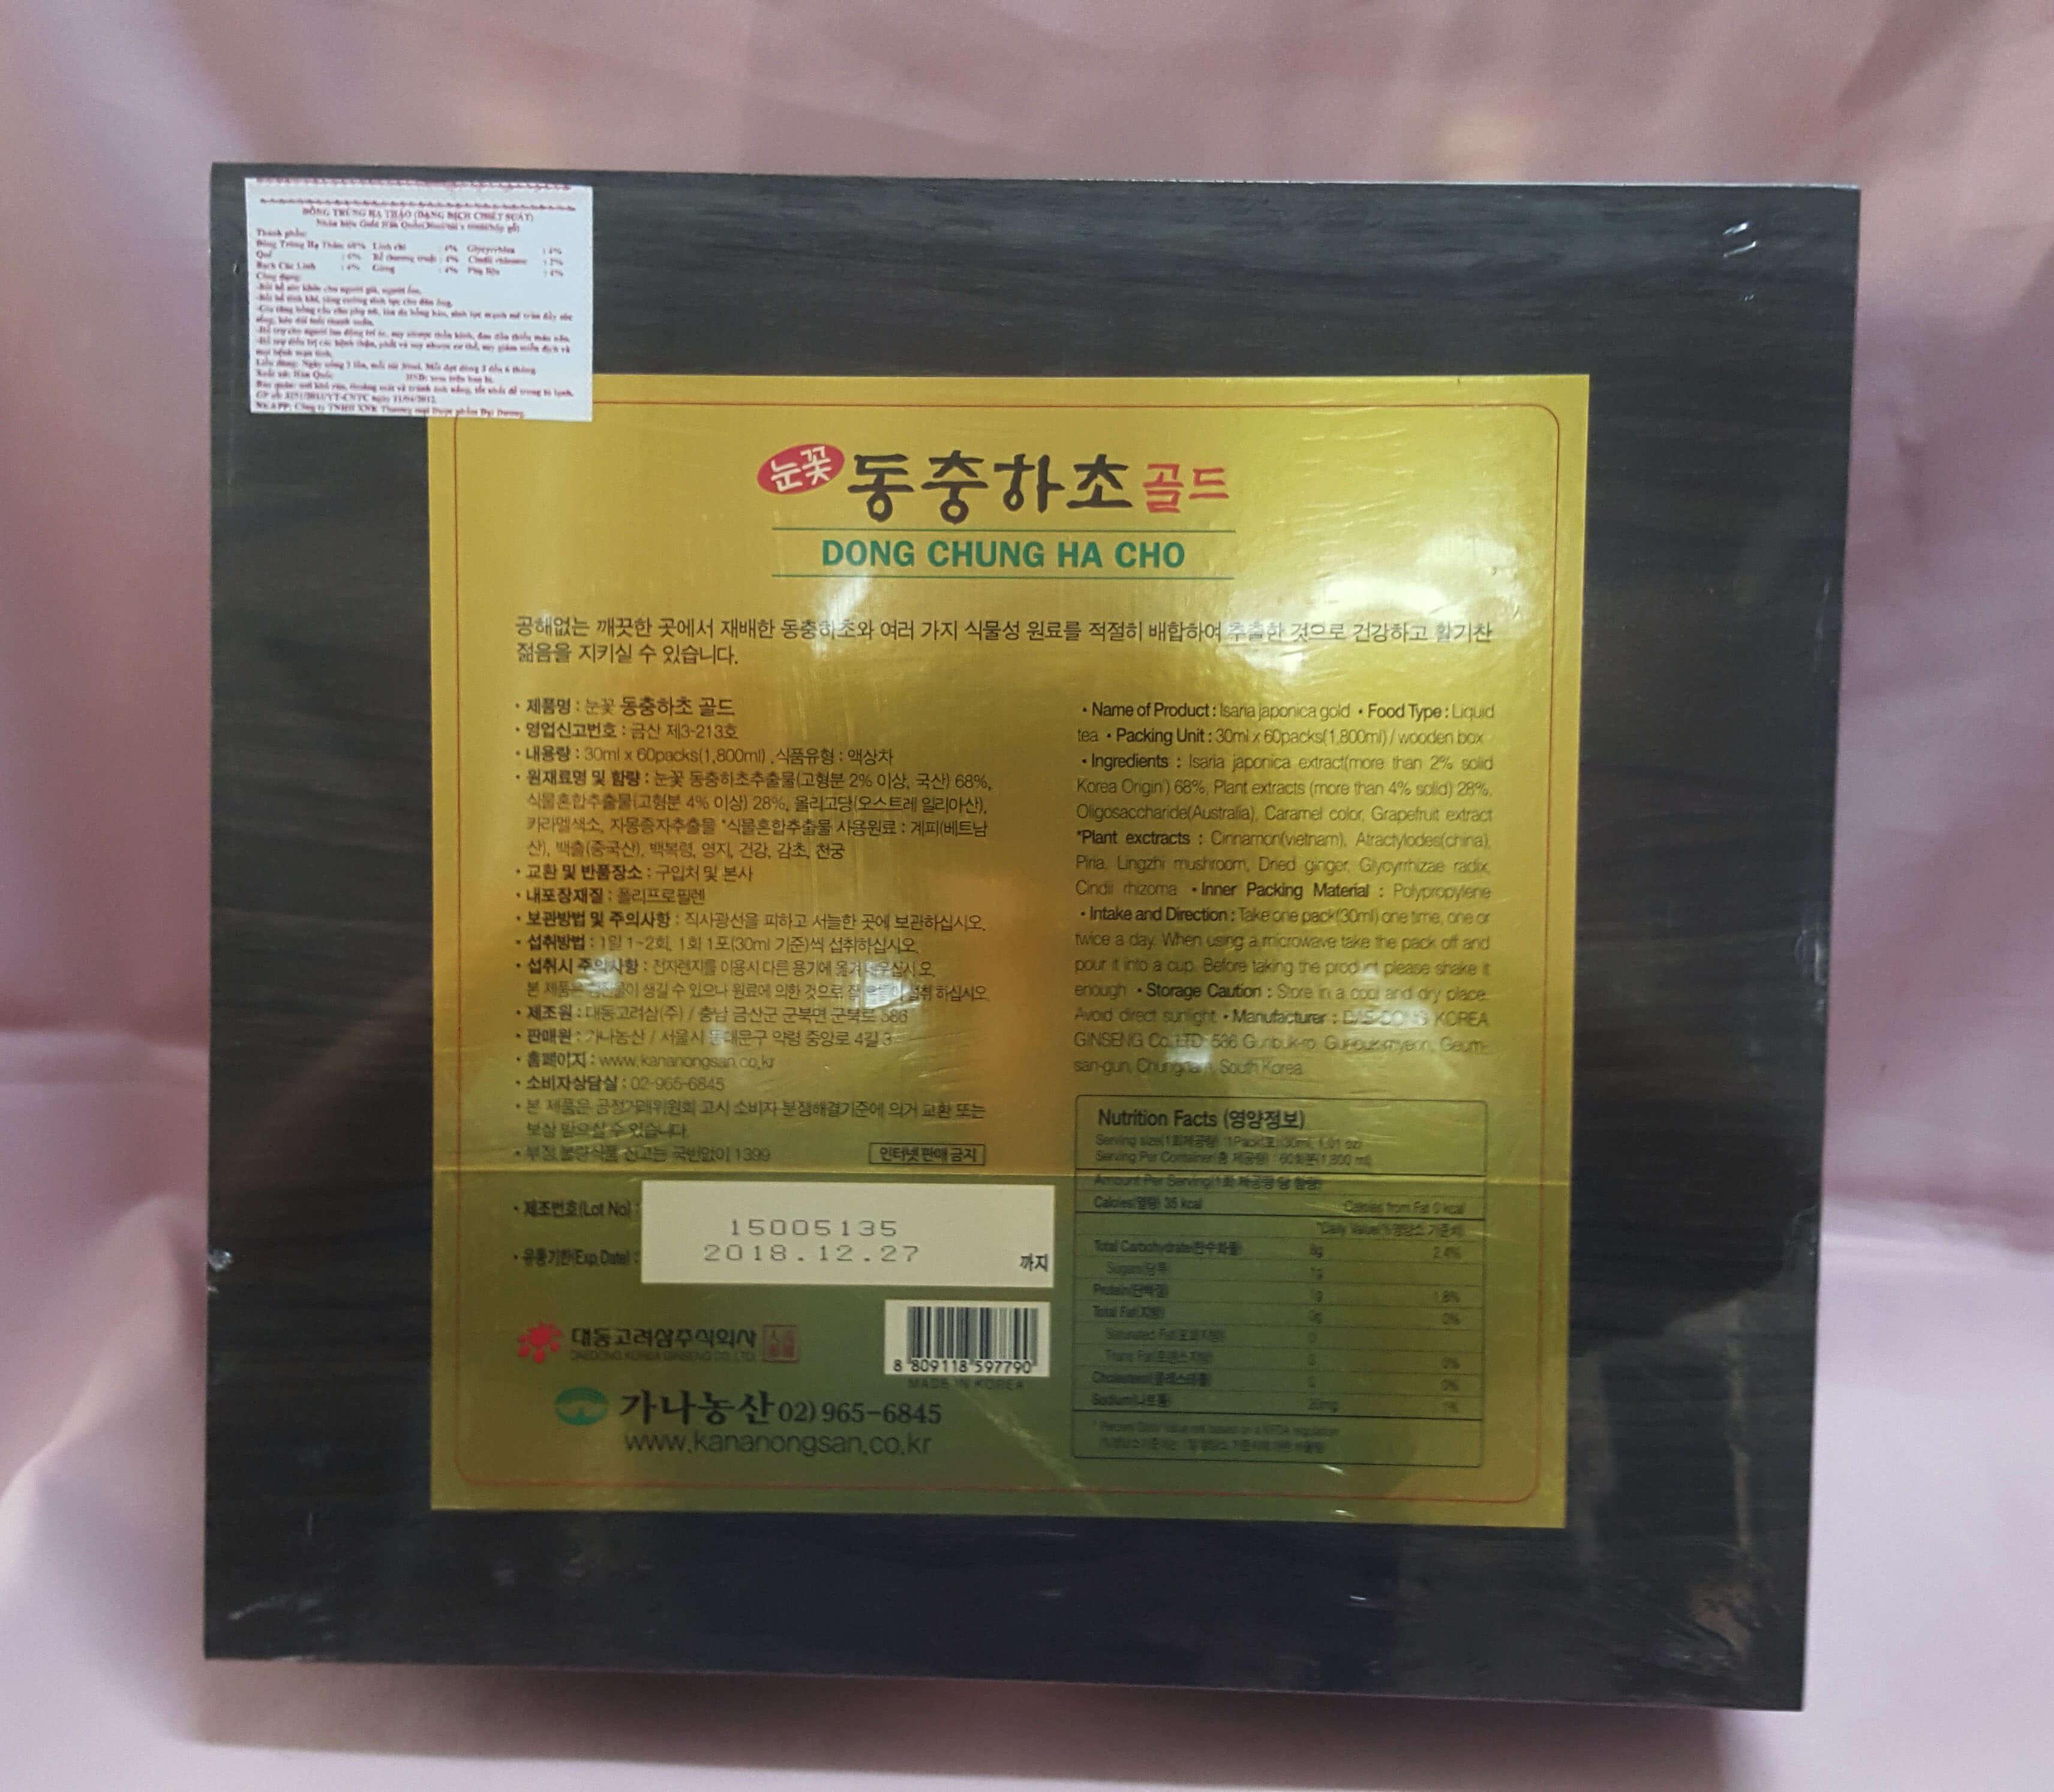 Dịch chiết Đông Trùng Hạ Thảo hộp gỗ đen